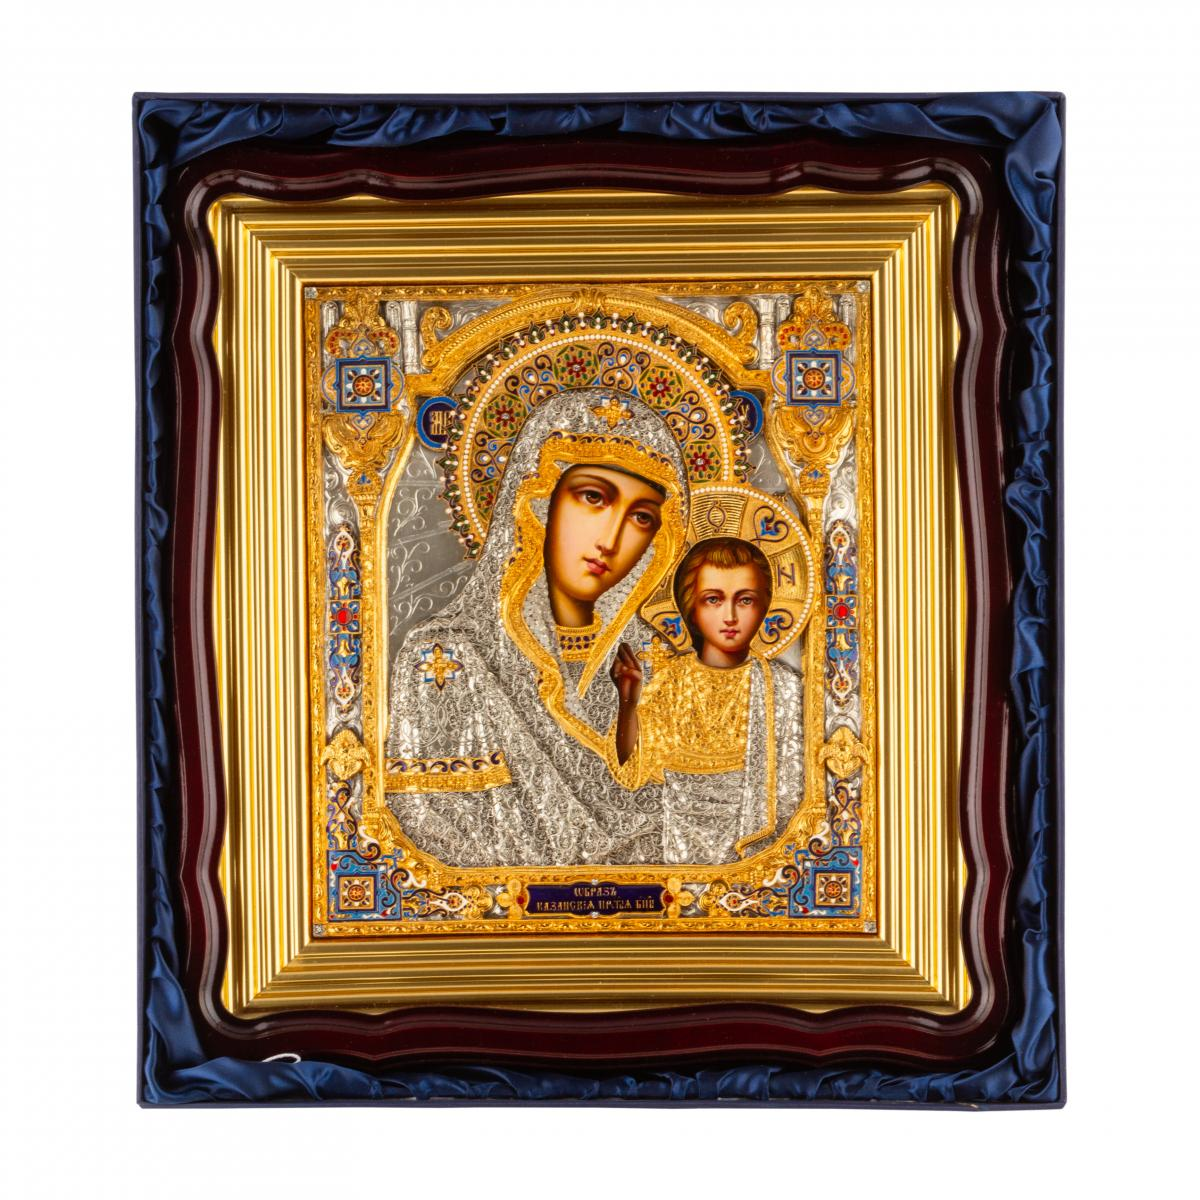 Эксклюзивная икона Божией Матери Казанская. Фото №4. | Народный дом Украина